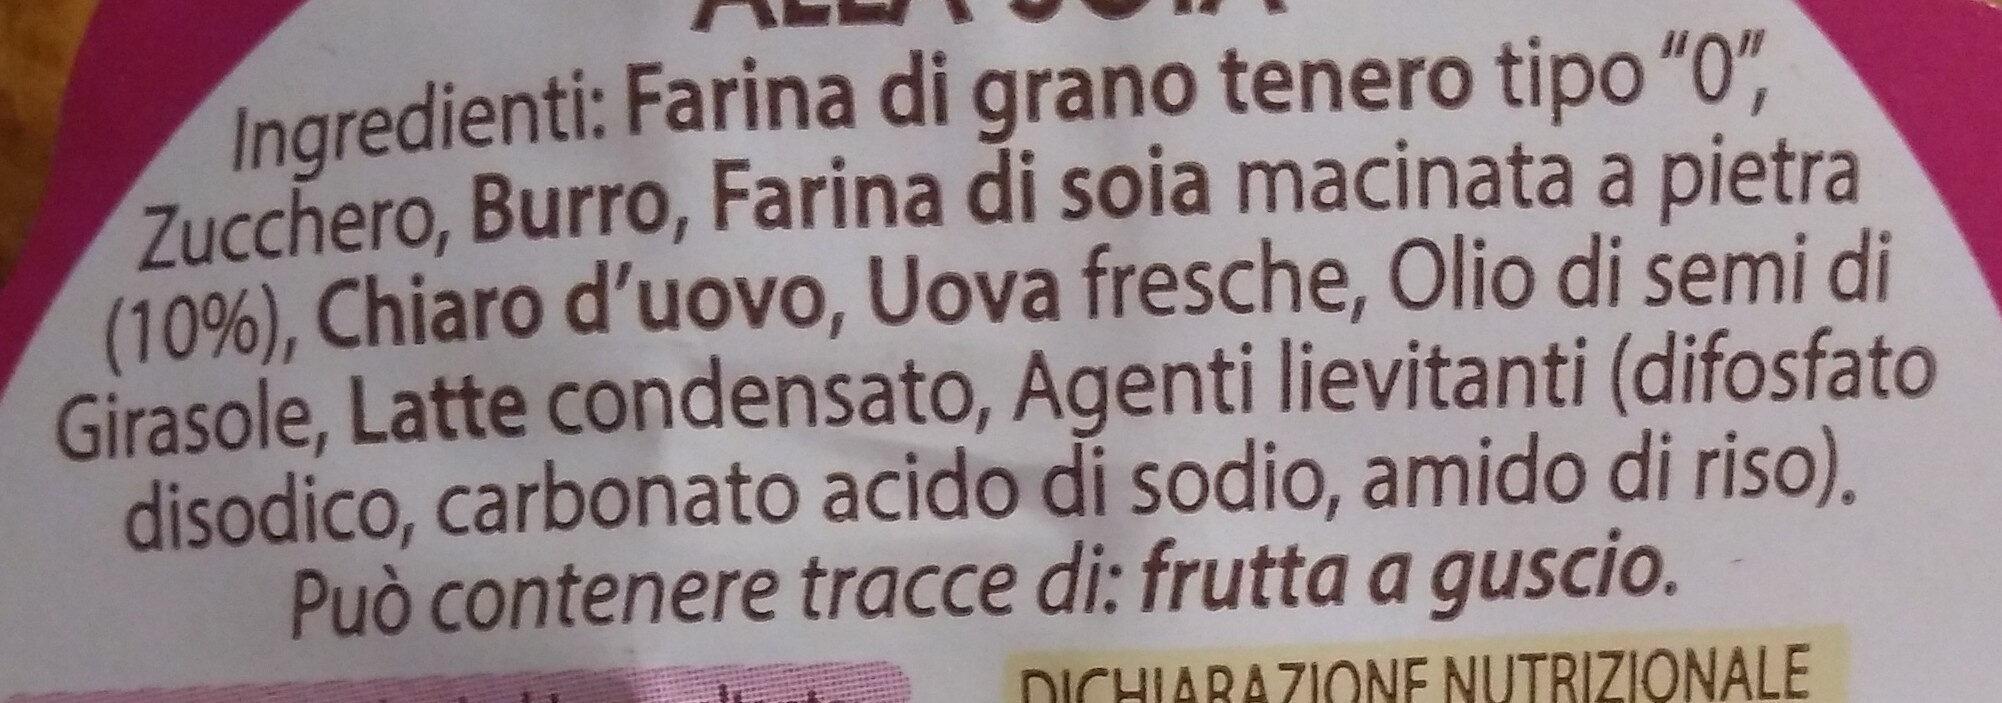 Biscotti alla soia - Ingredients - it